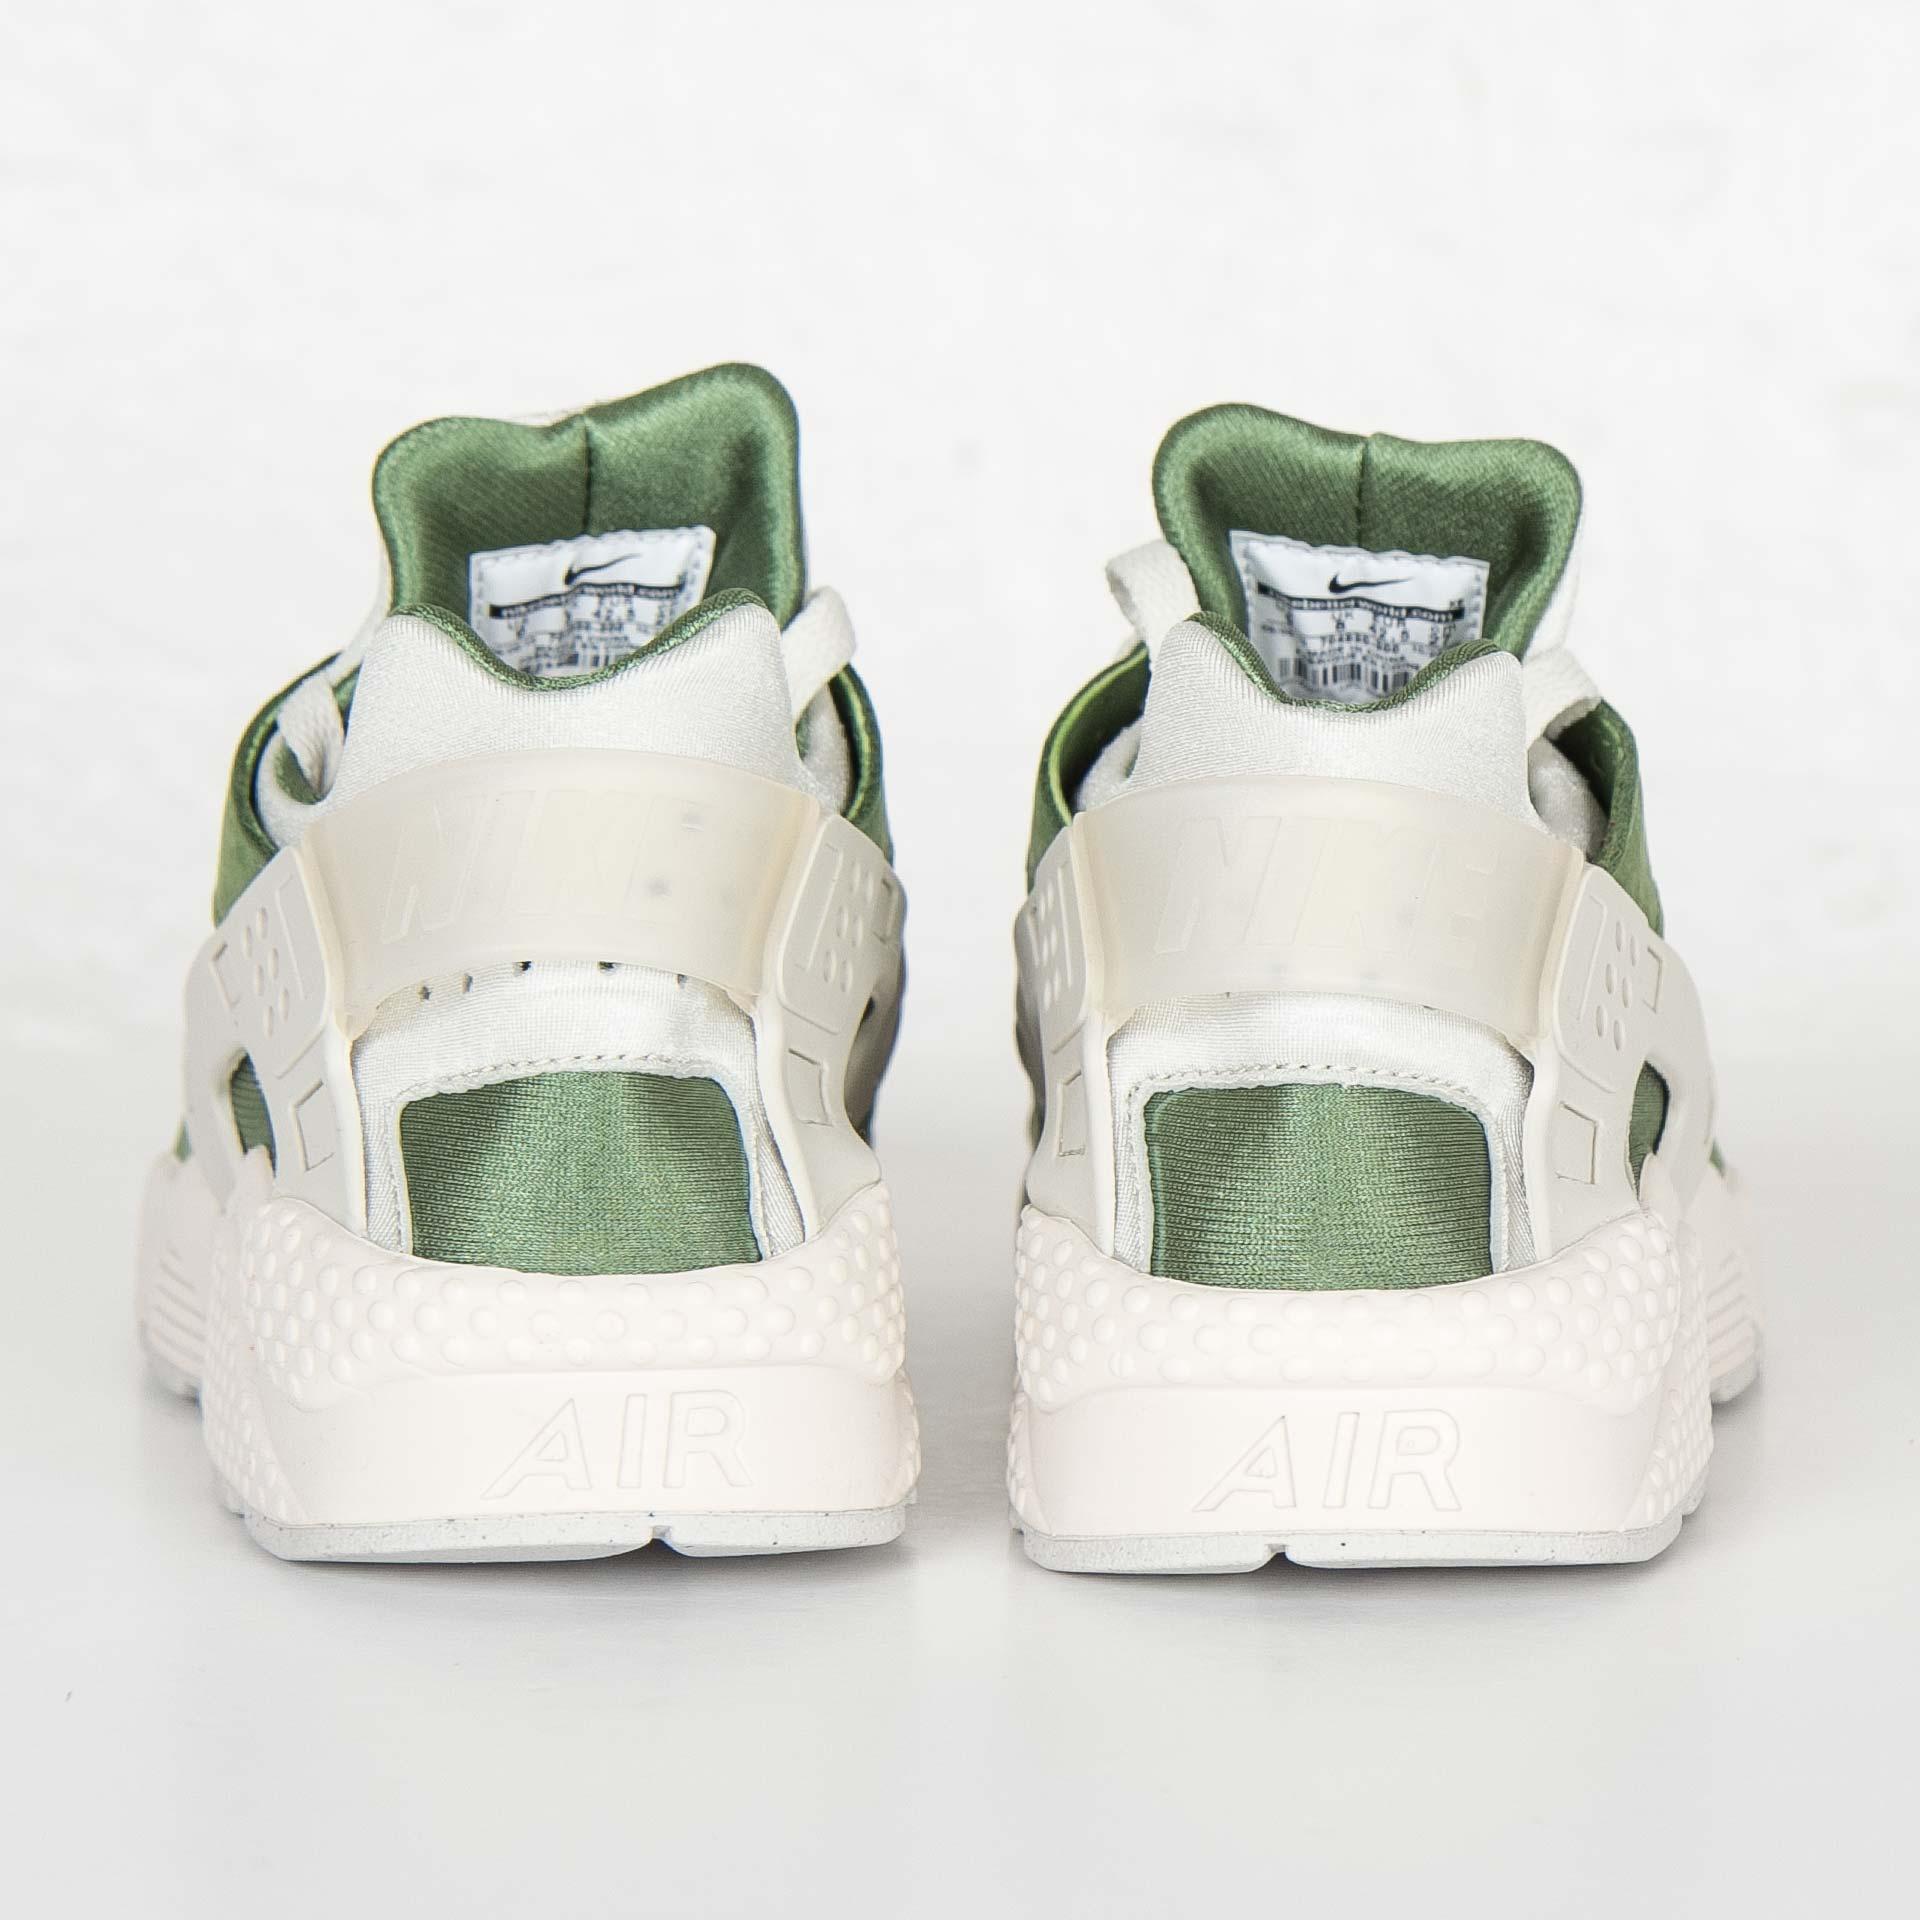 7e659a98cf03 Nike Air Huarache Run Premium - 704830-300 - Sneakersnstuff ...